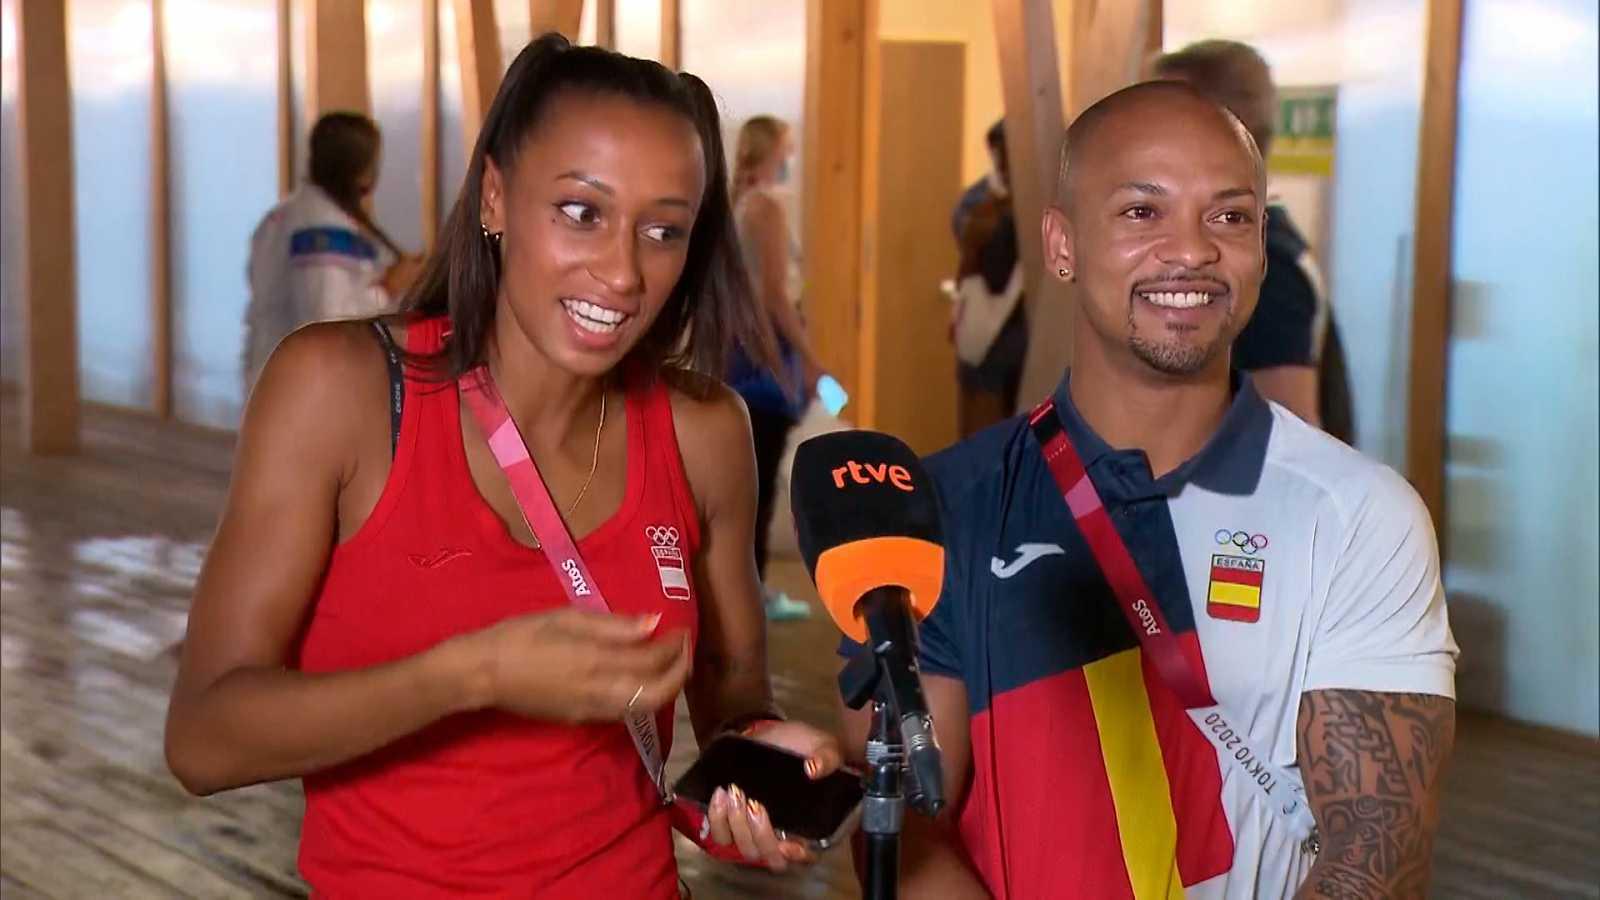 Los atletas españoles Ana Peleteiro y Ray Zapata, medallistas en los JJOO de Tokio. Foto: RTVE